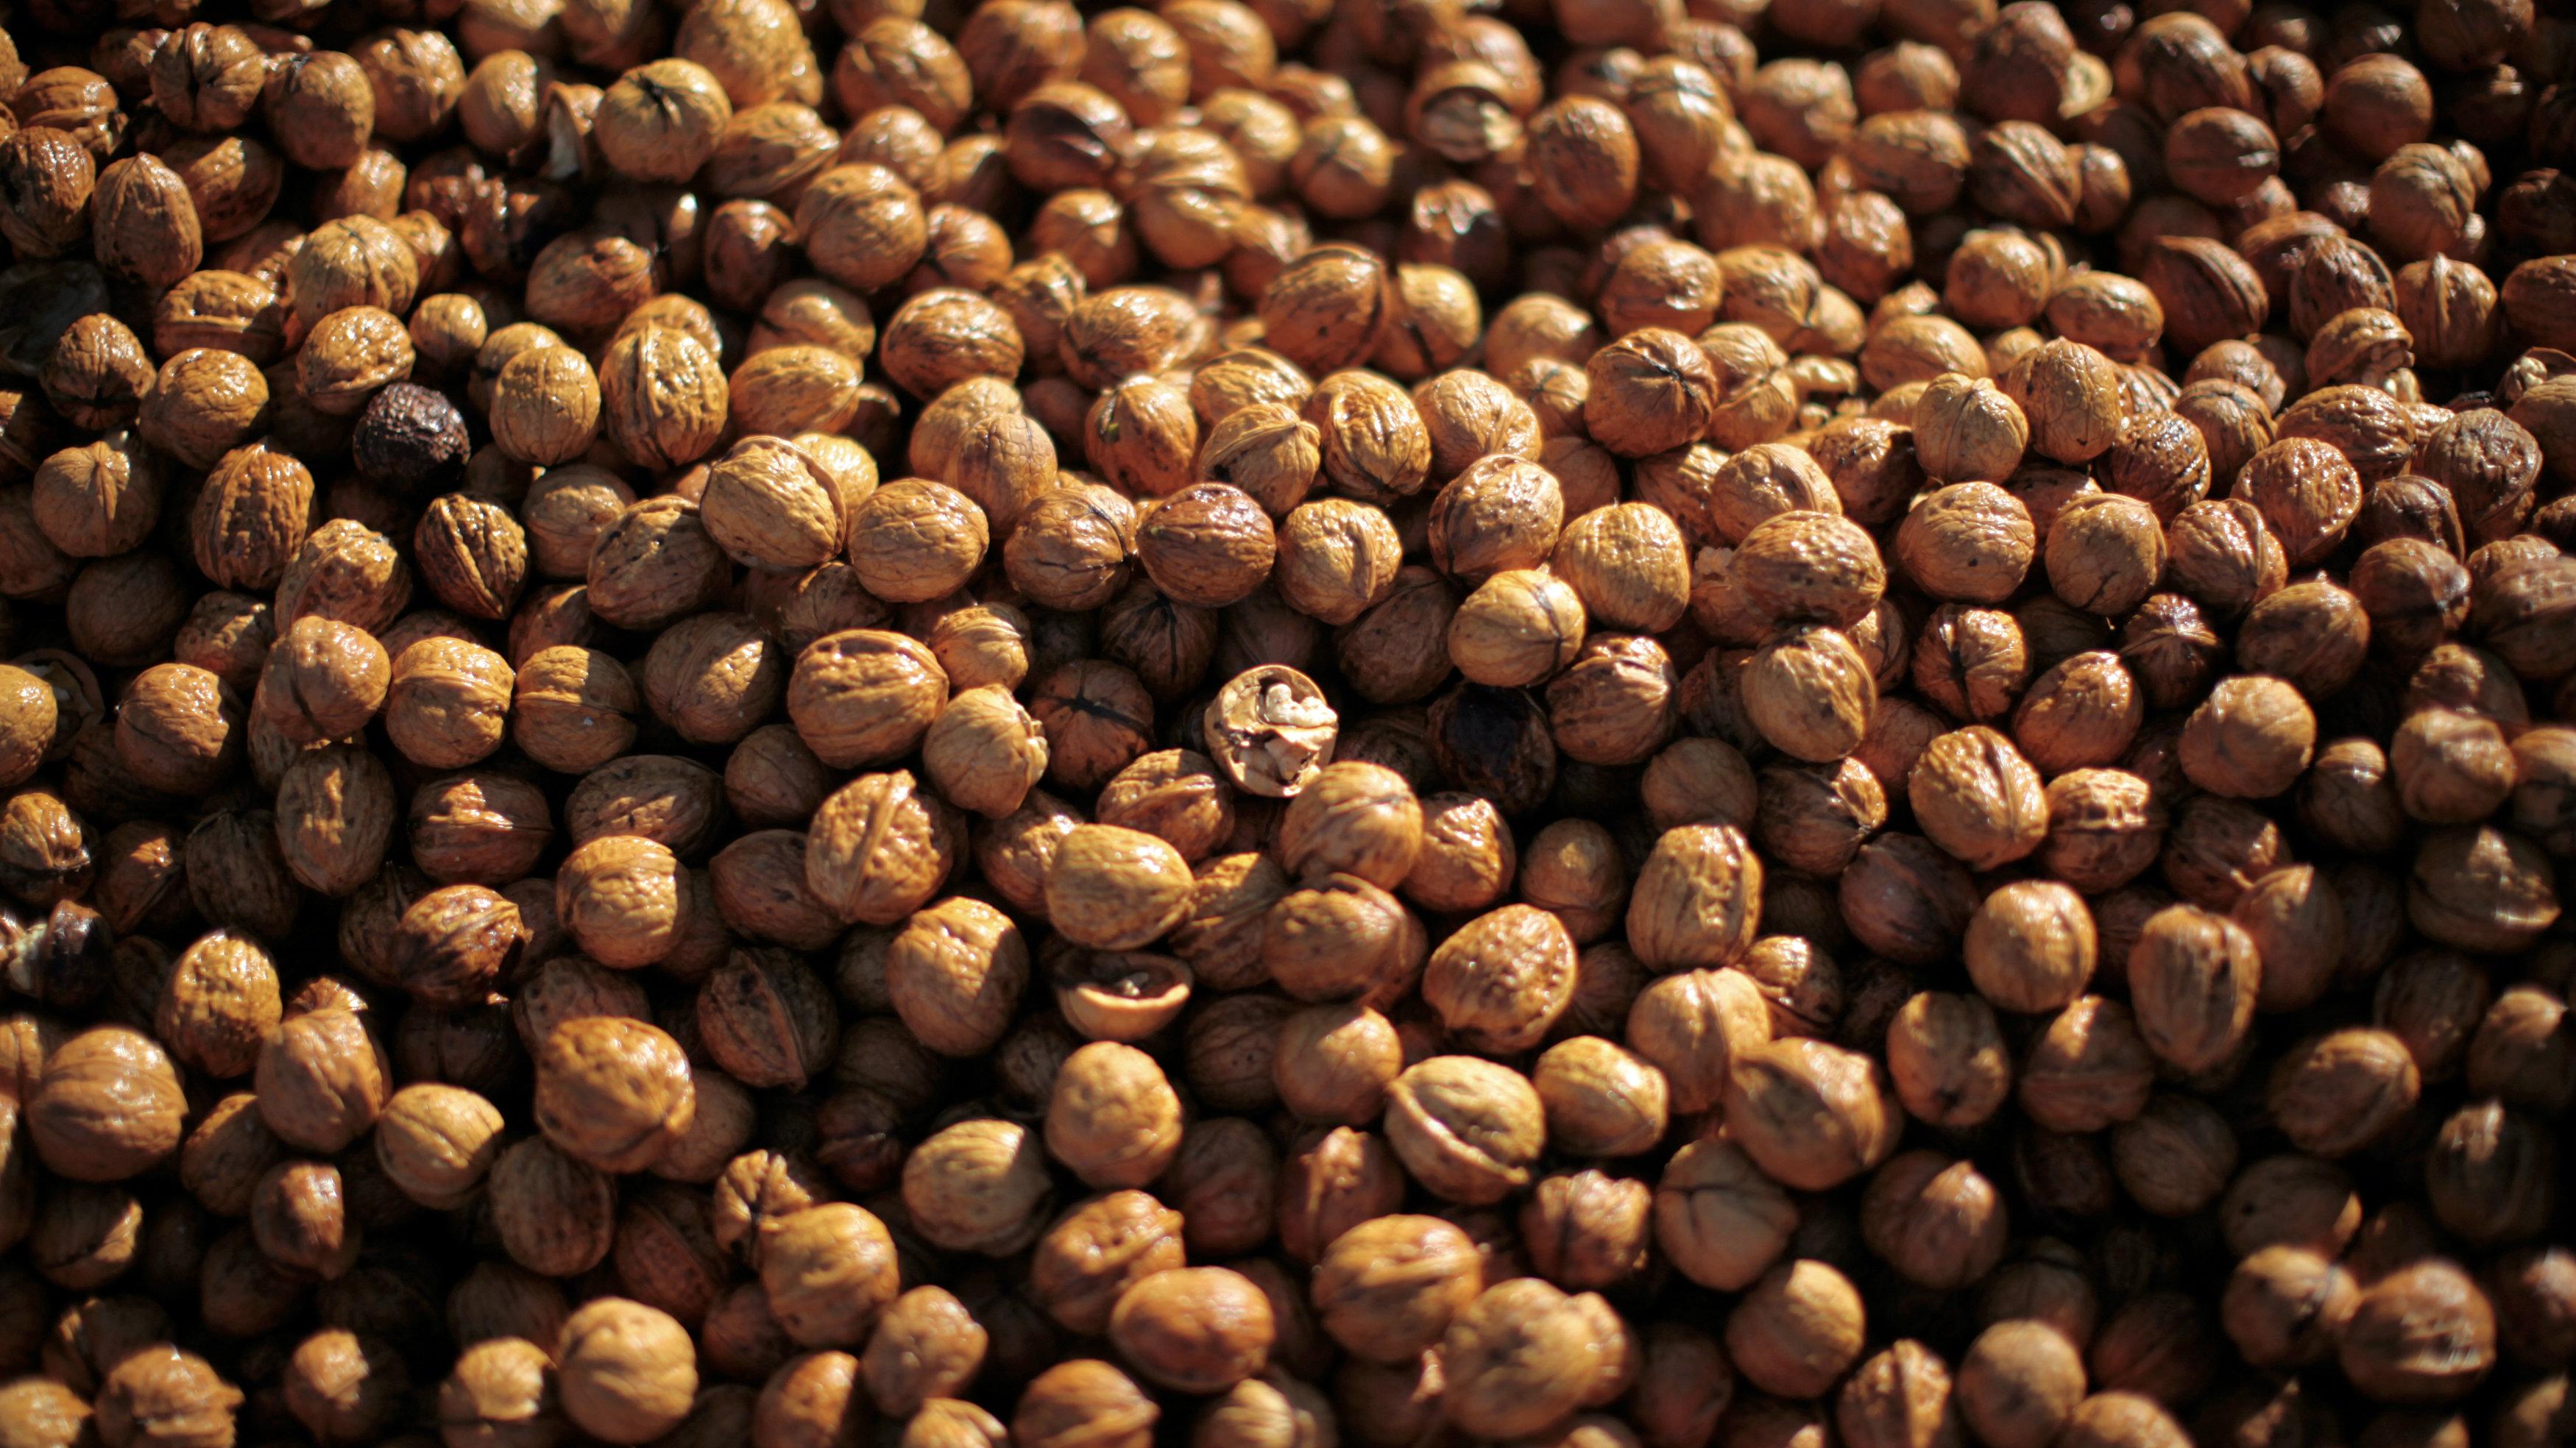 c walnuts RTR2S52J Lucy Nicholson